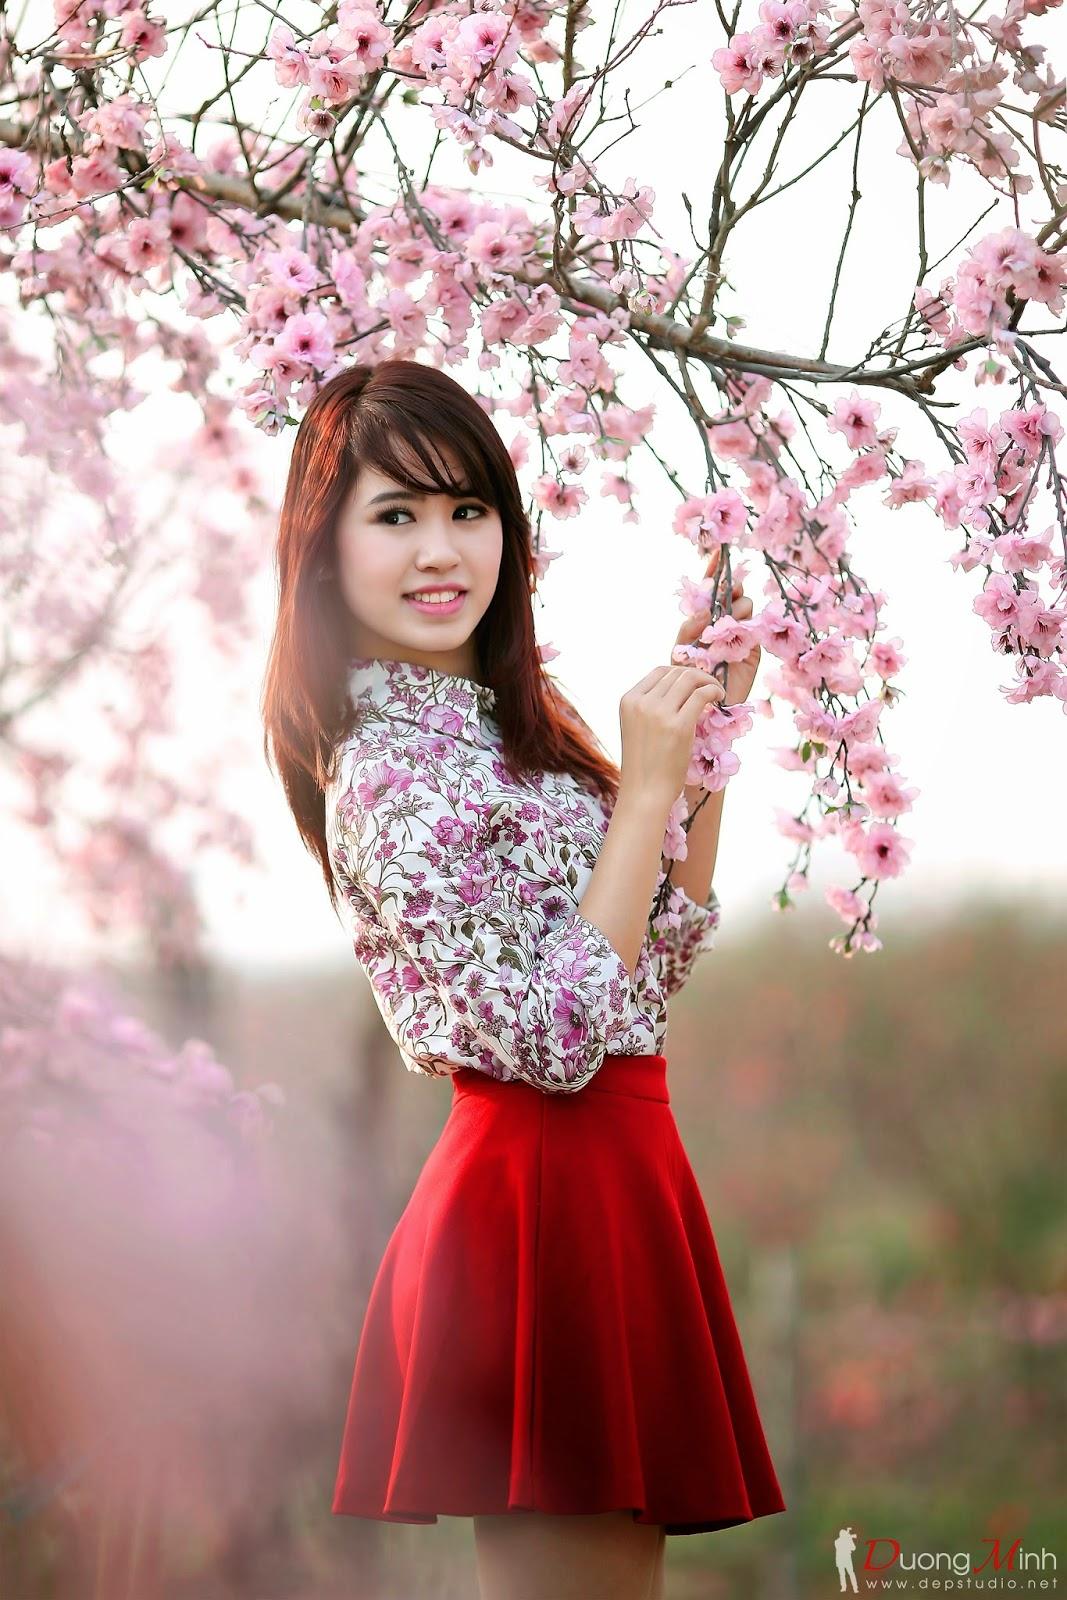 Sắc xuân bên đào tết 2014 những nụ hoa xuân, hinh anh gai dep